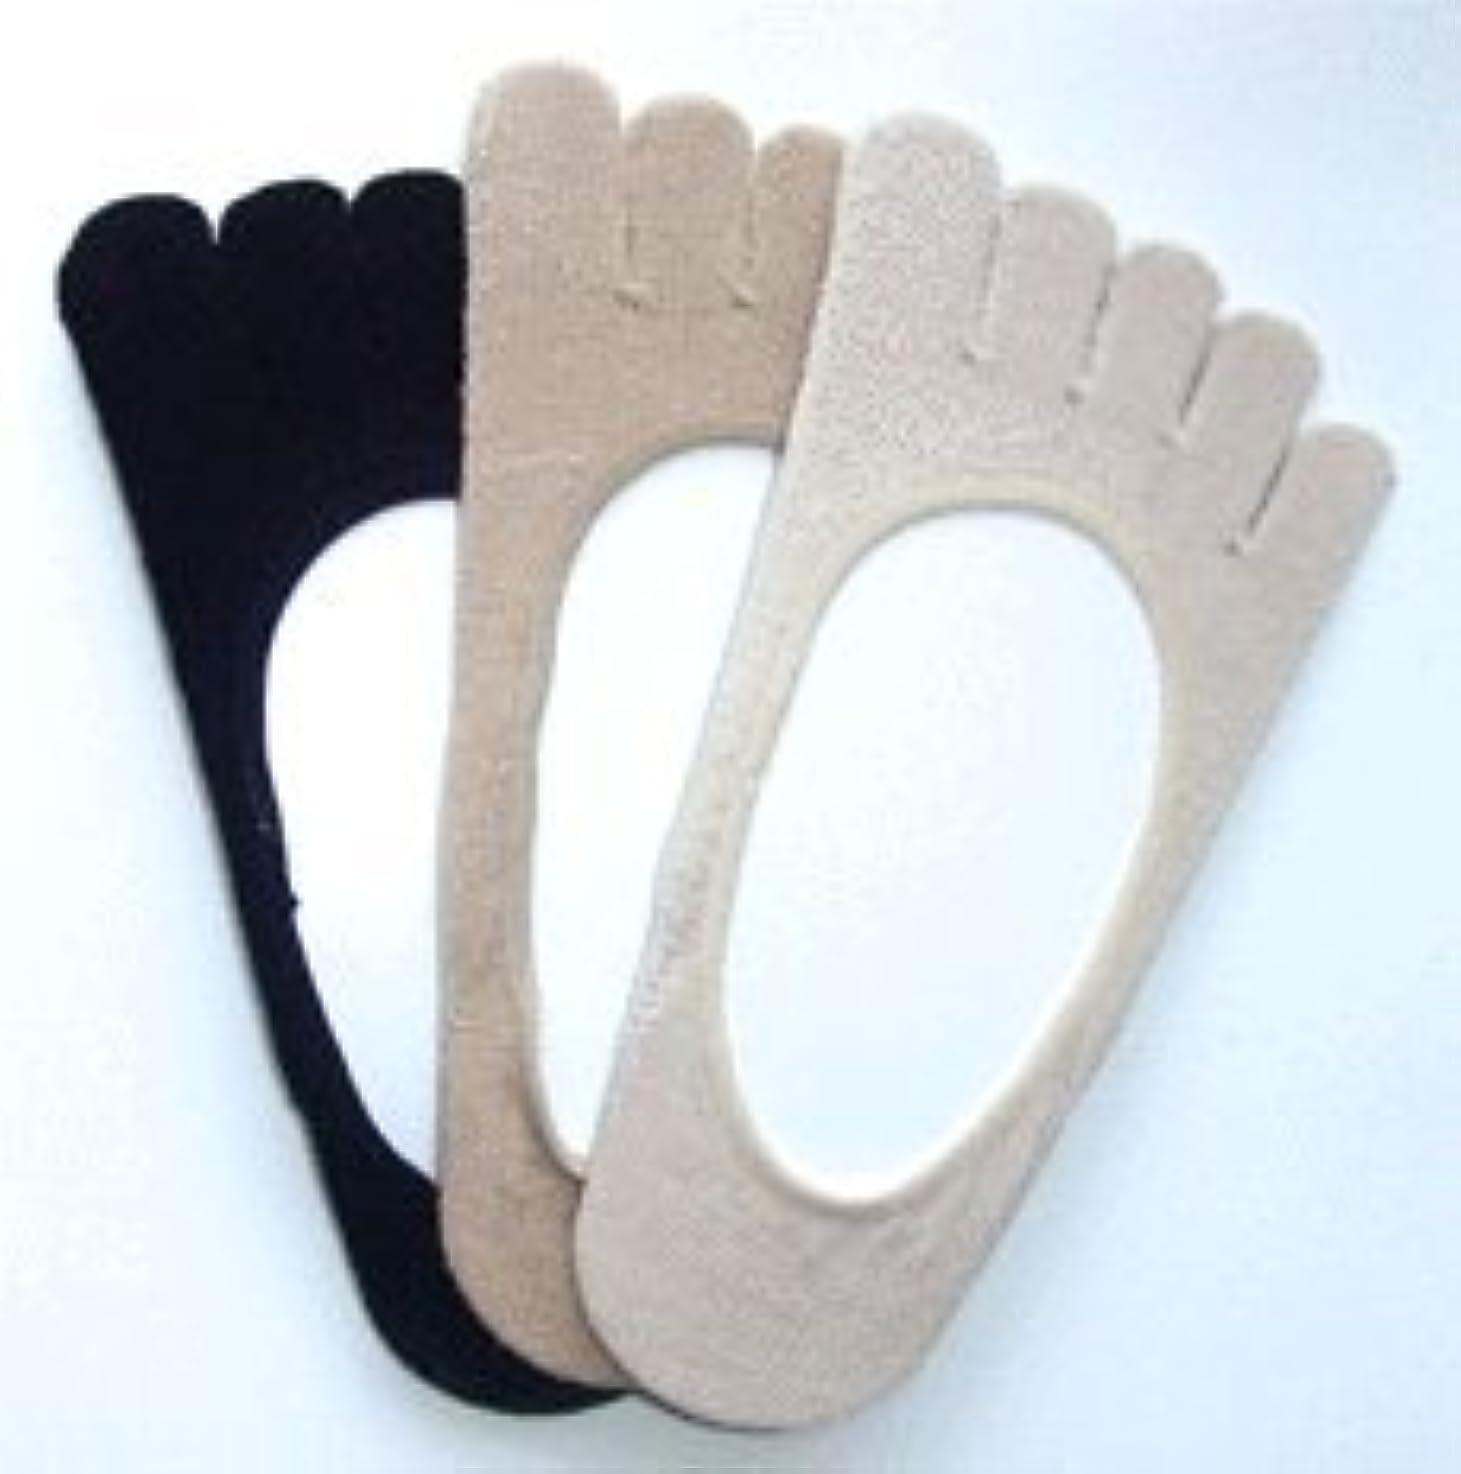 ロケーション手綱中日本製 シルク五本指 フットカバー パンプスインソックス 3足組(ベージュ系2足、黒色1足)